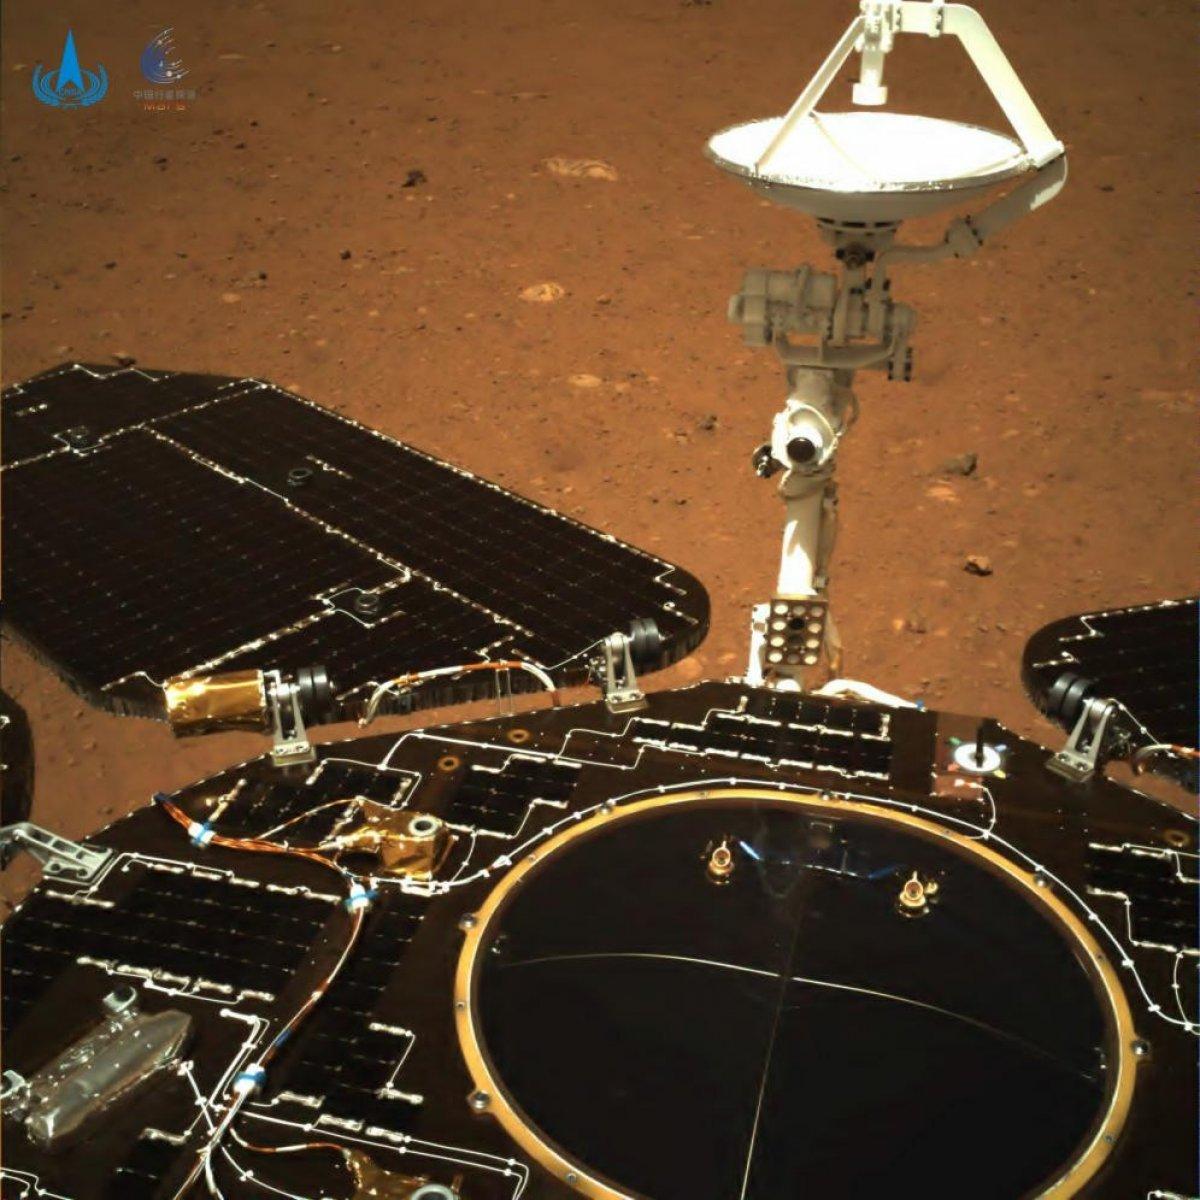 Çin, Mars keşif aracı Zhurong un çektiği ilk fotoğrafları yayınladı #1